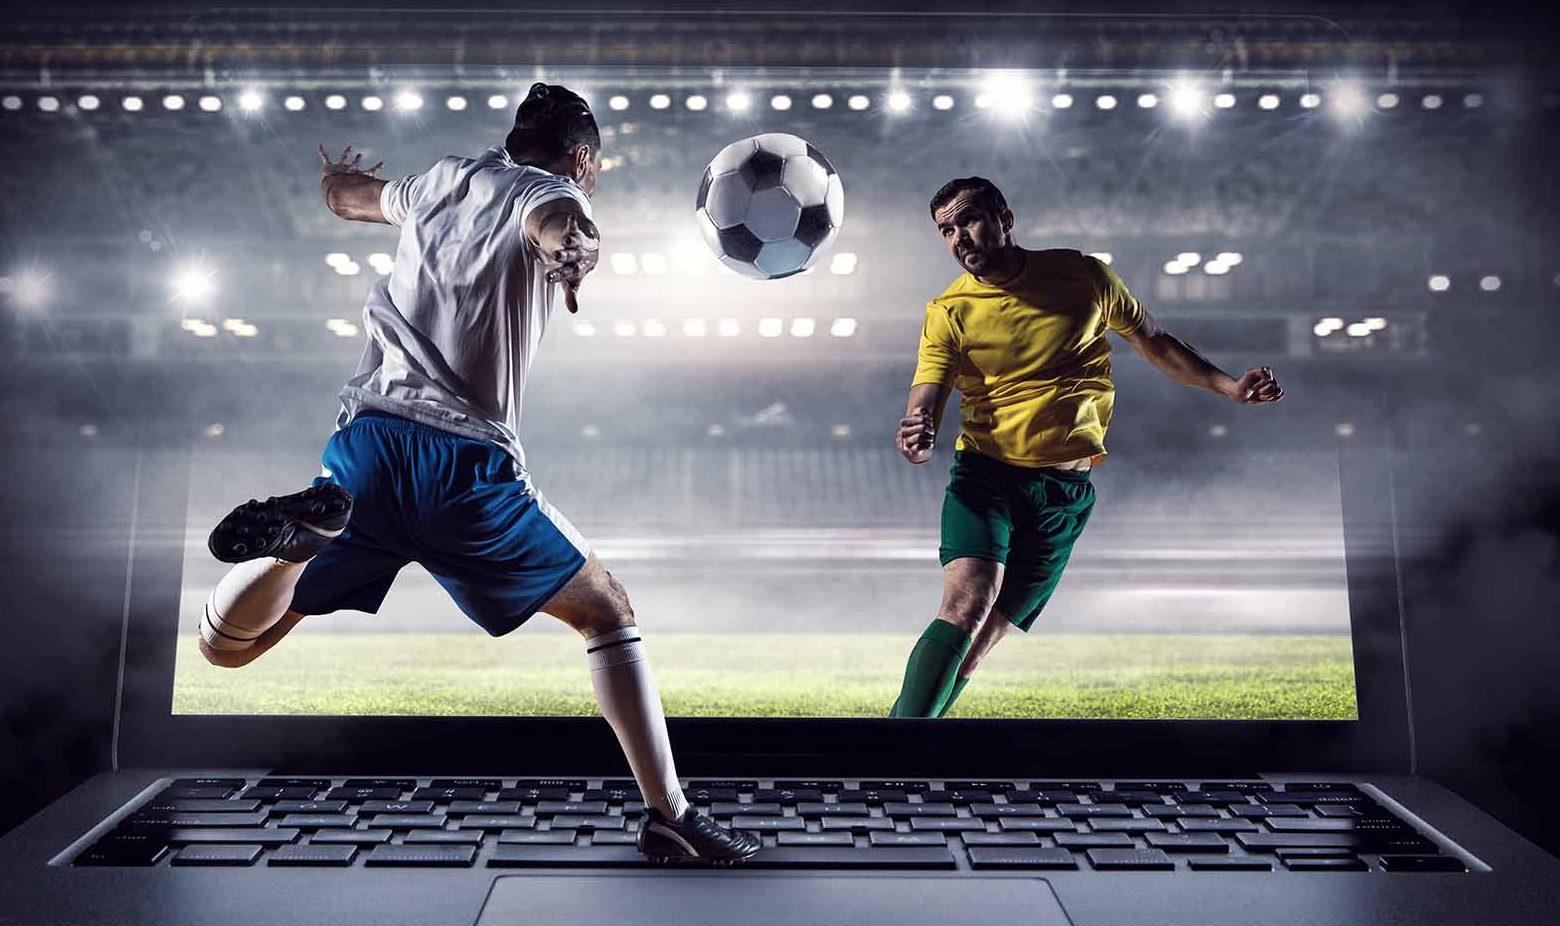 Футбол, как один из самых популярных видов спорта в беттинге